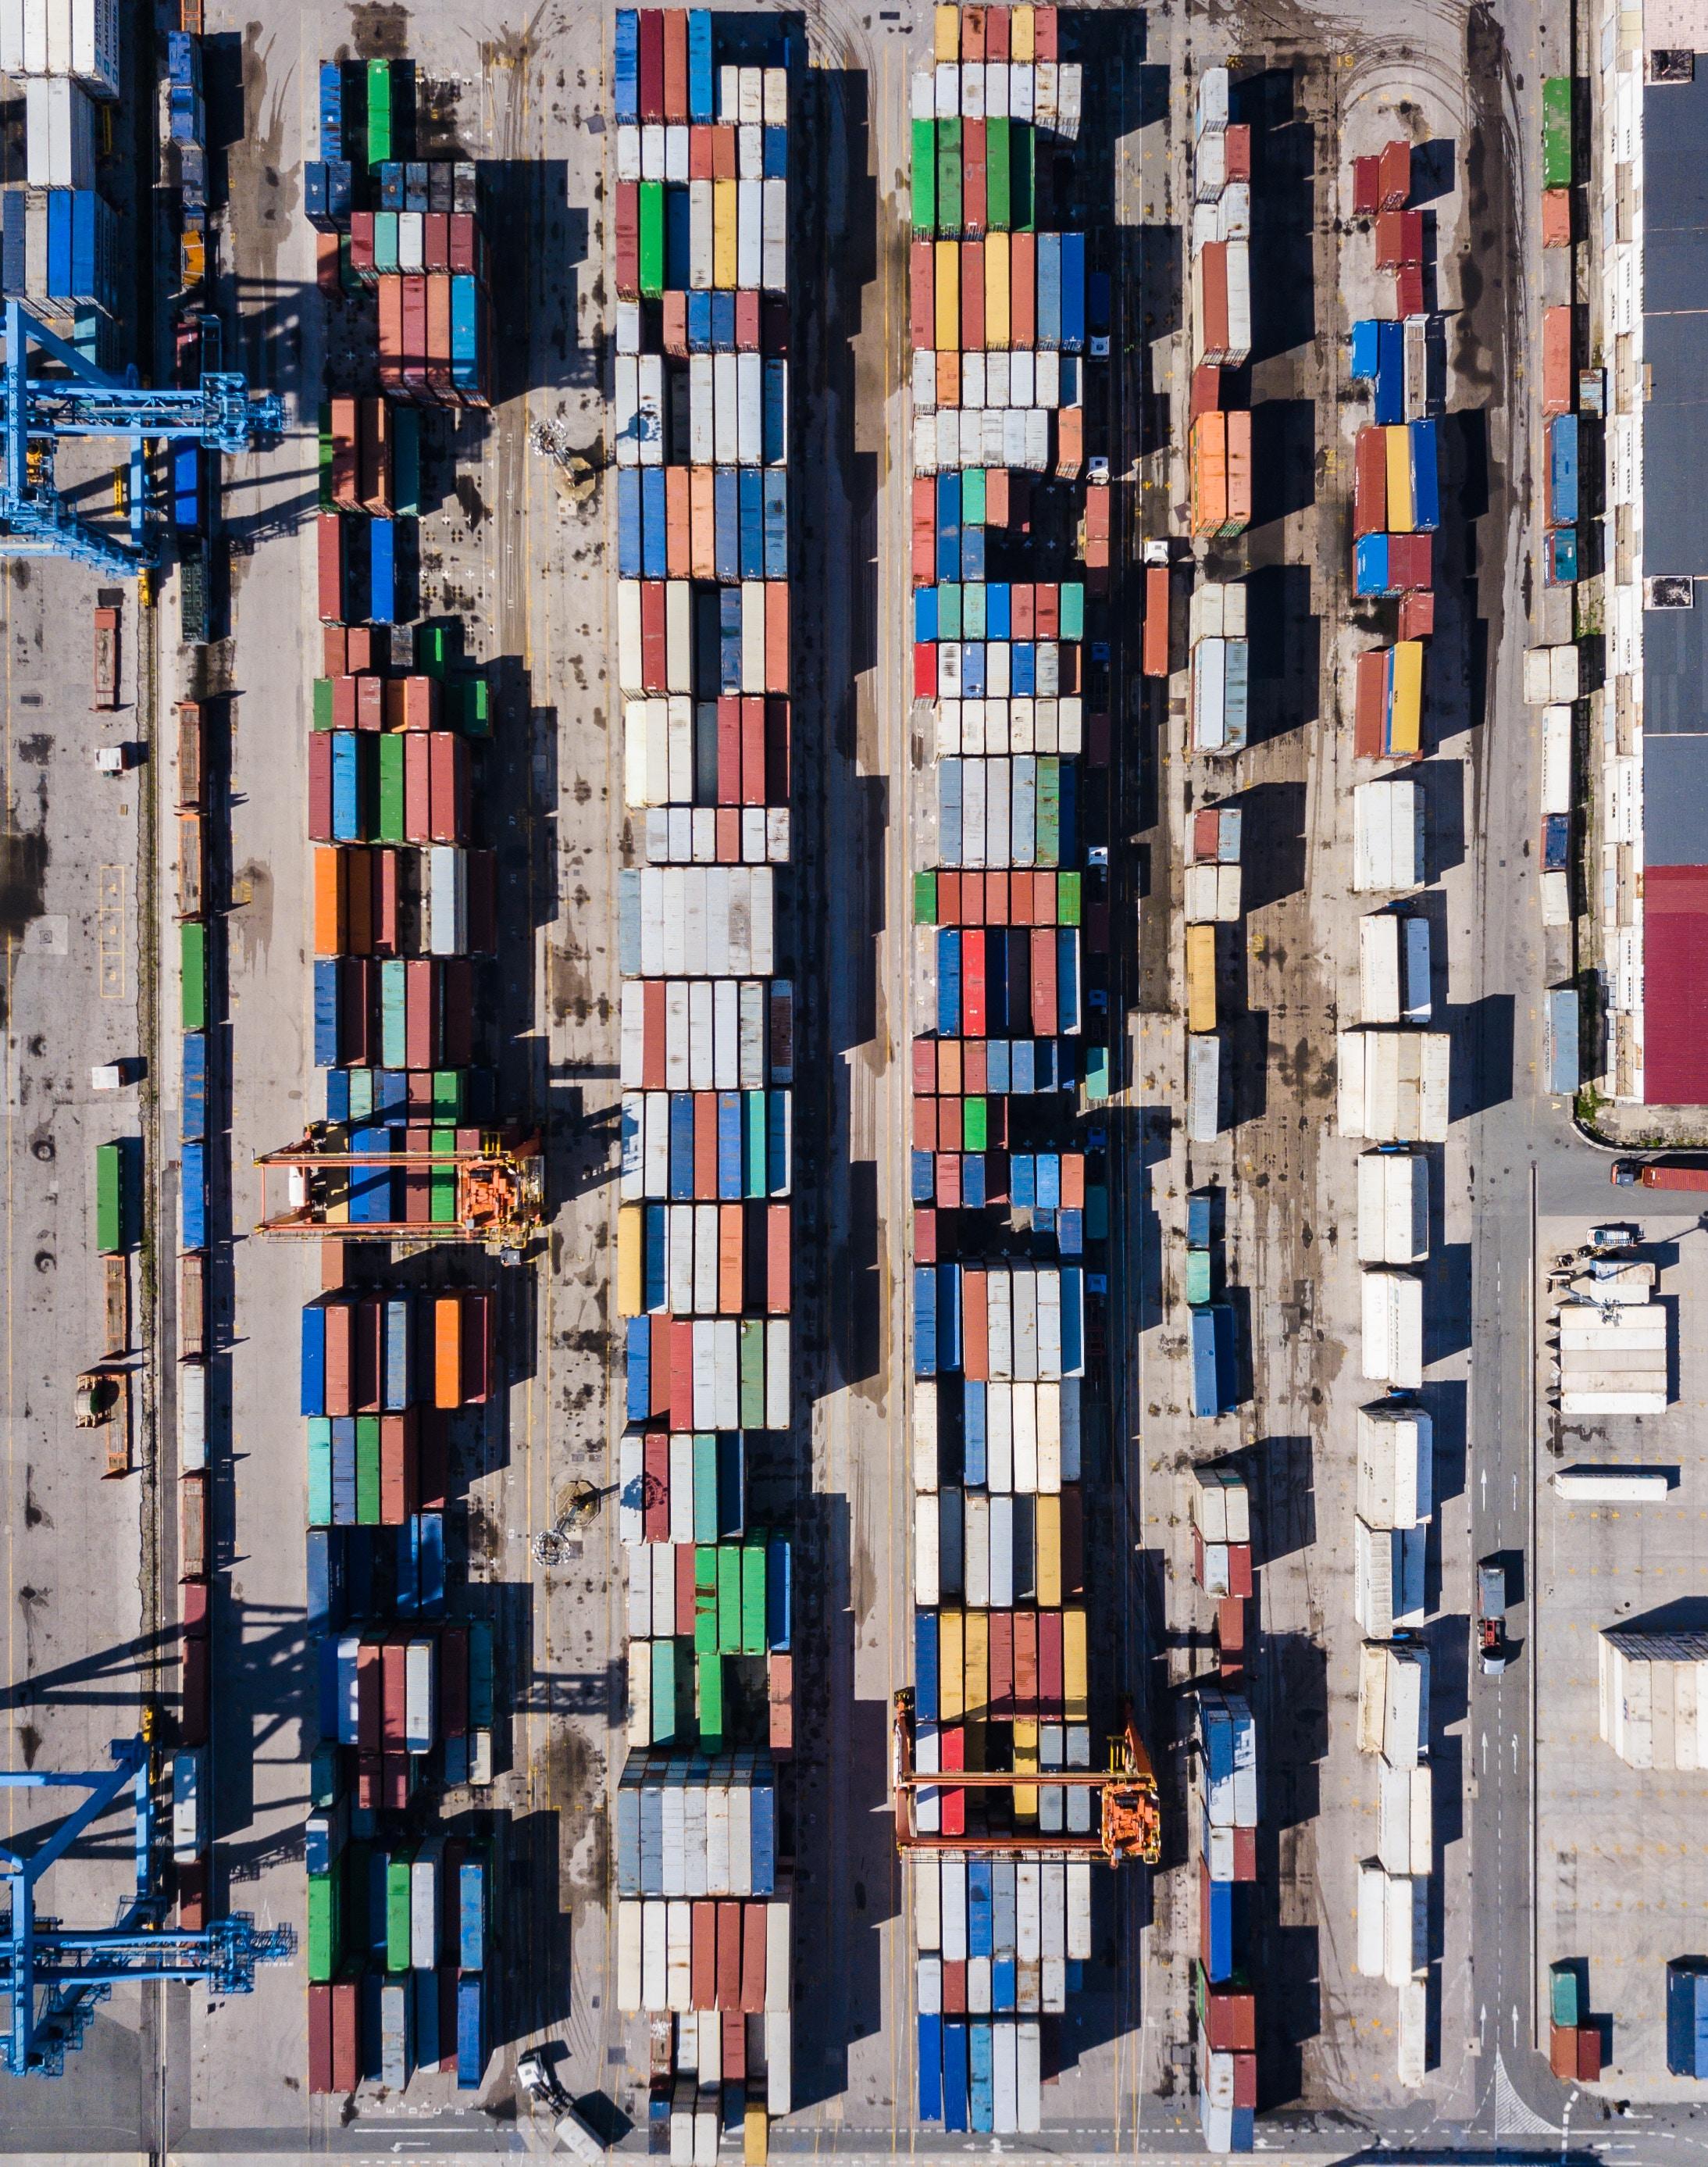 mauro-licul-cargo shipyard